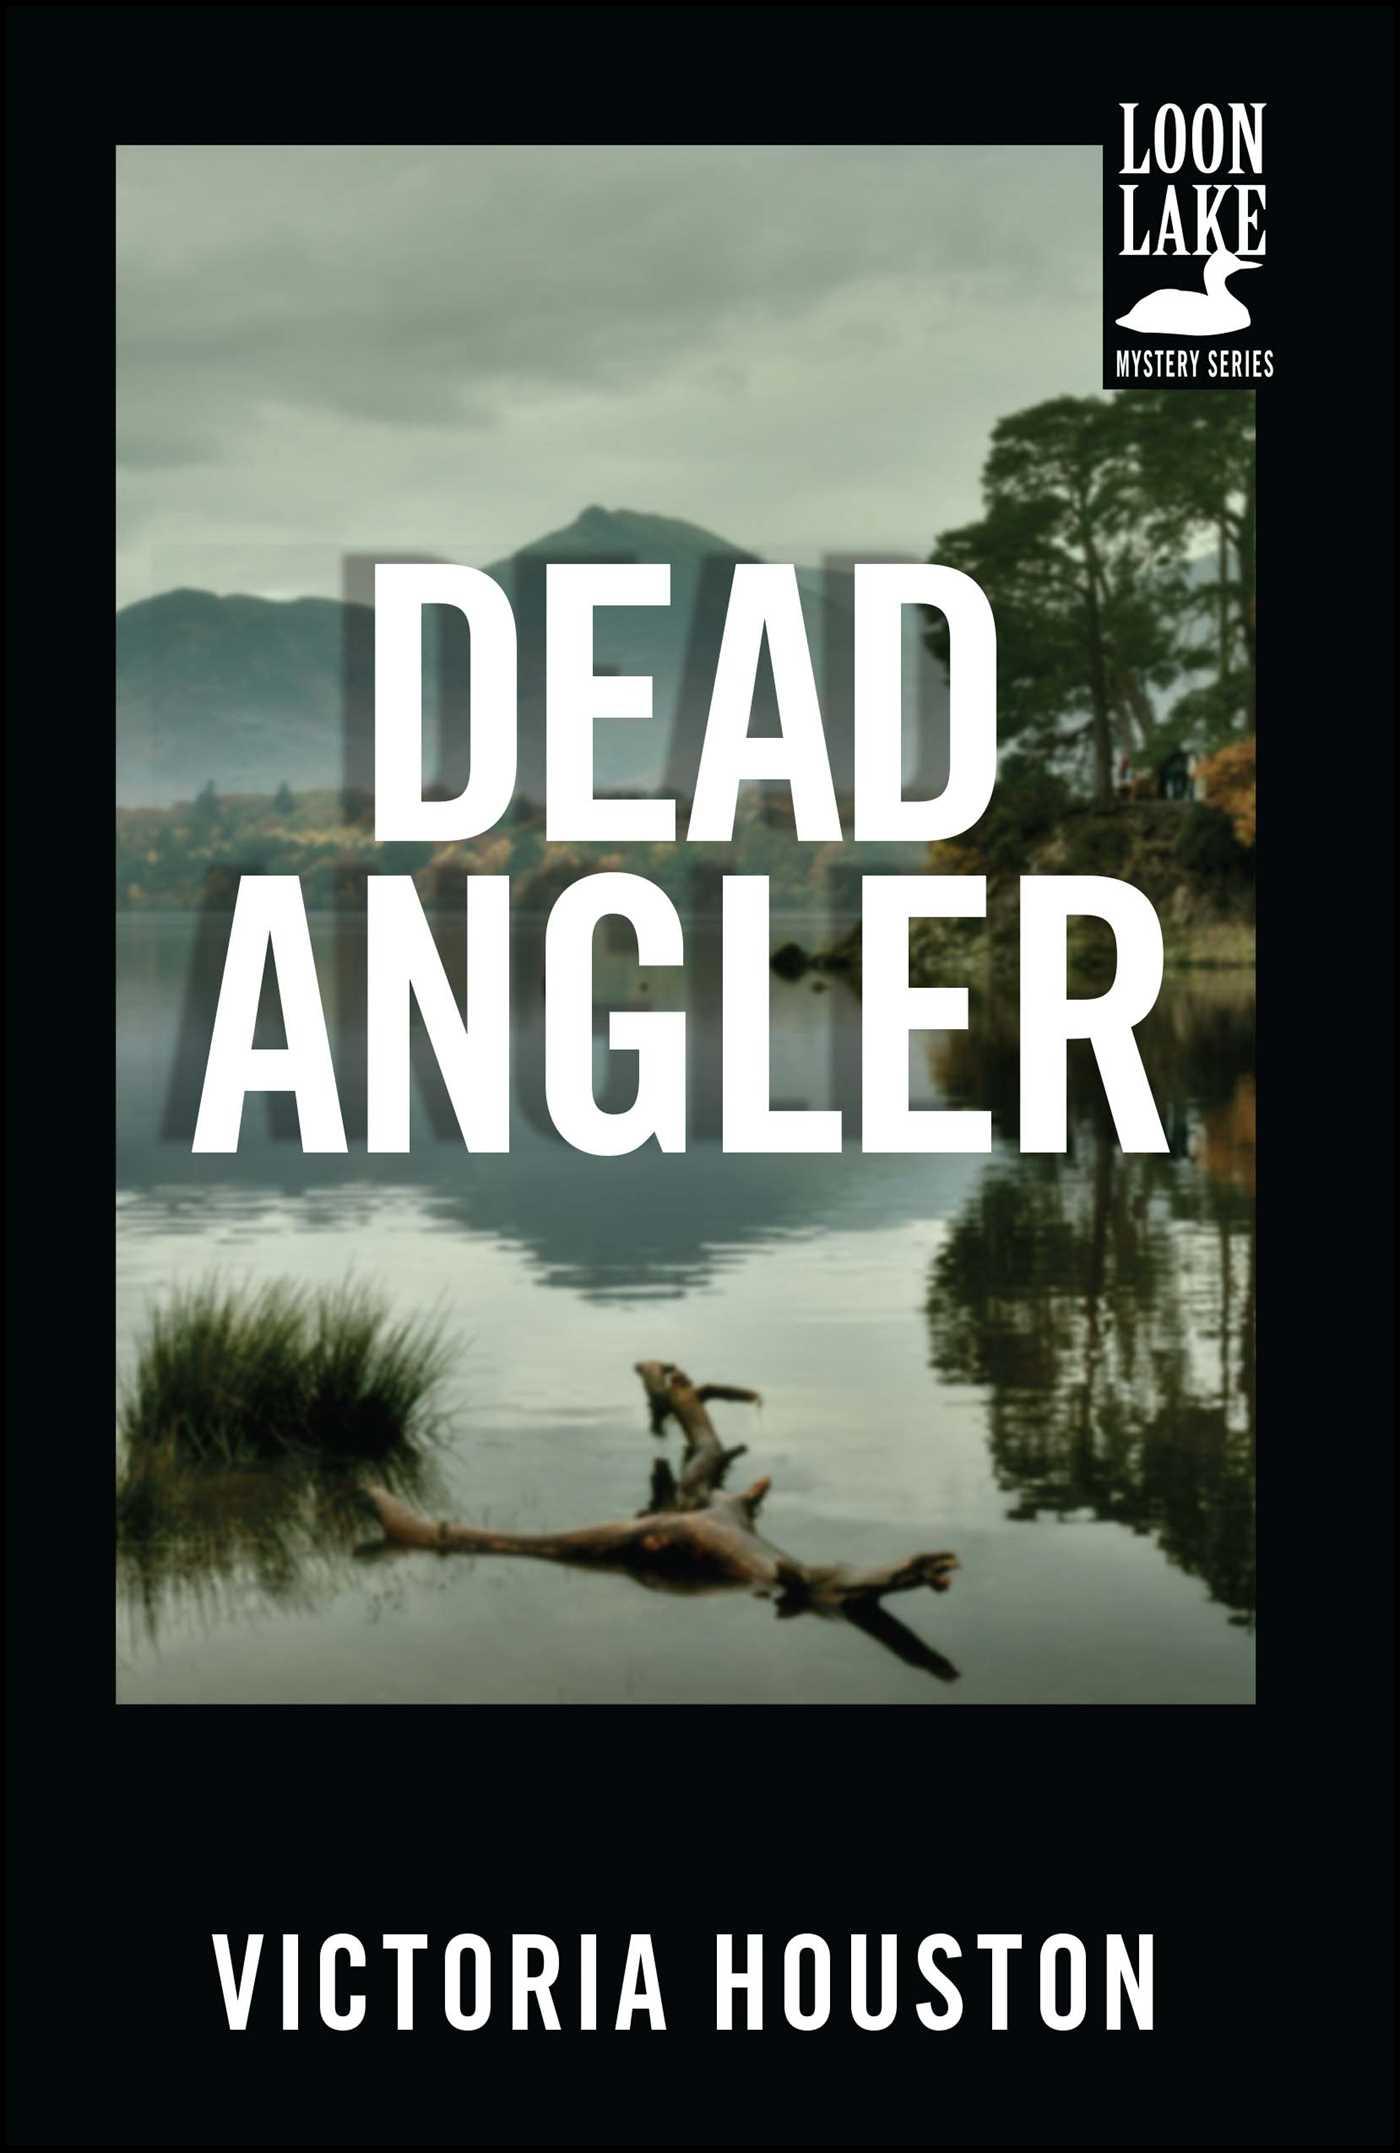 Dead angler 9781440535314 hr